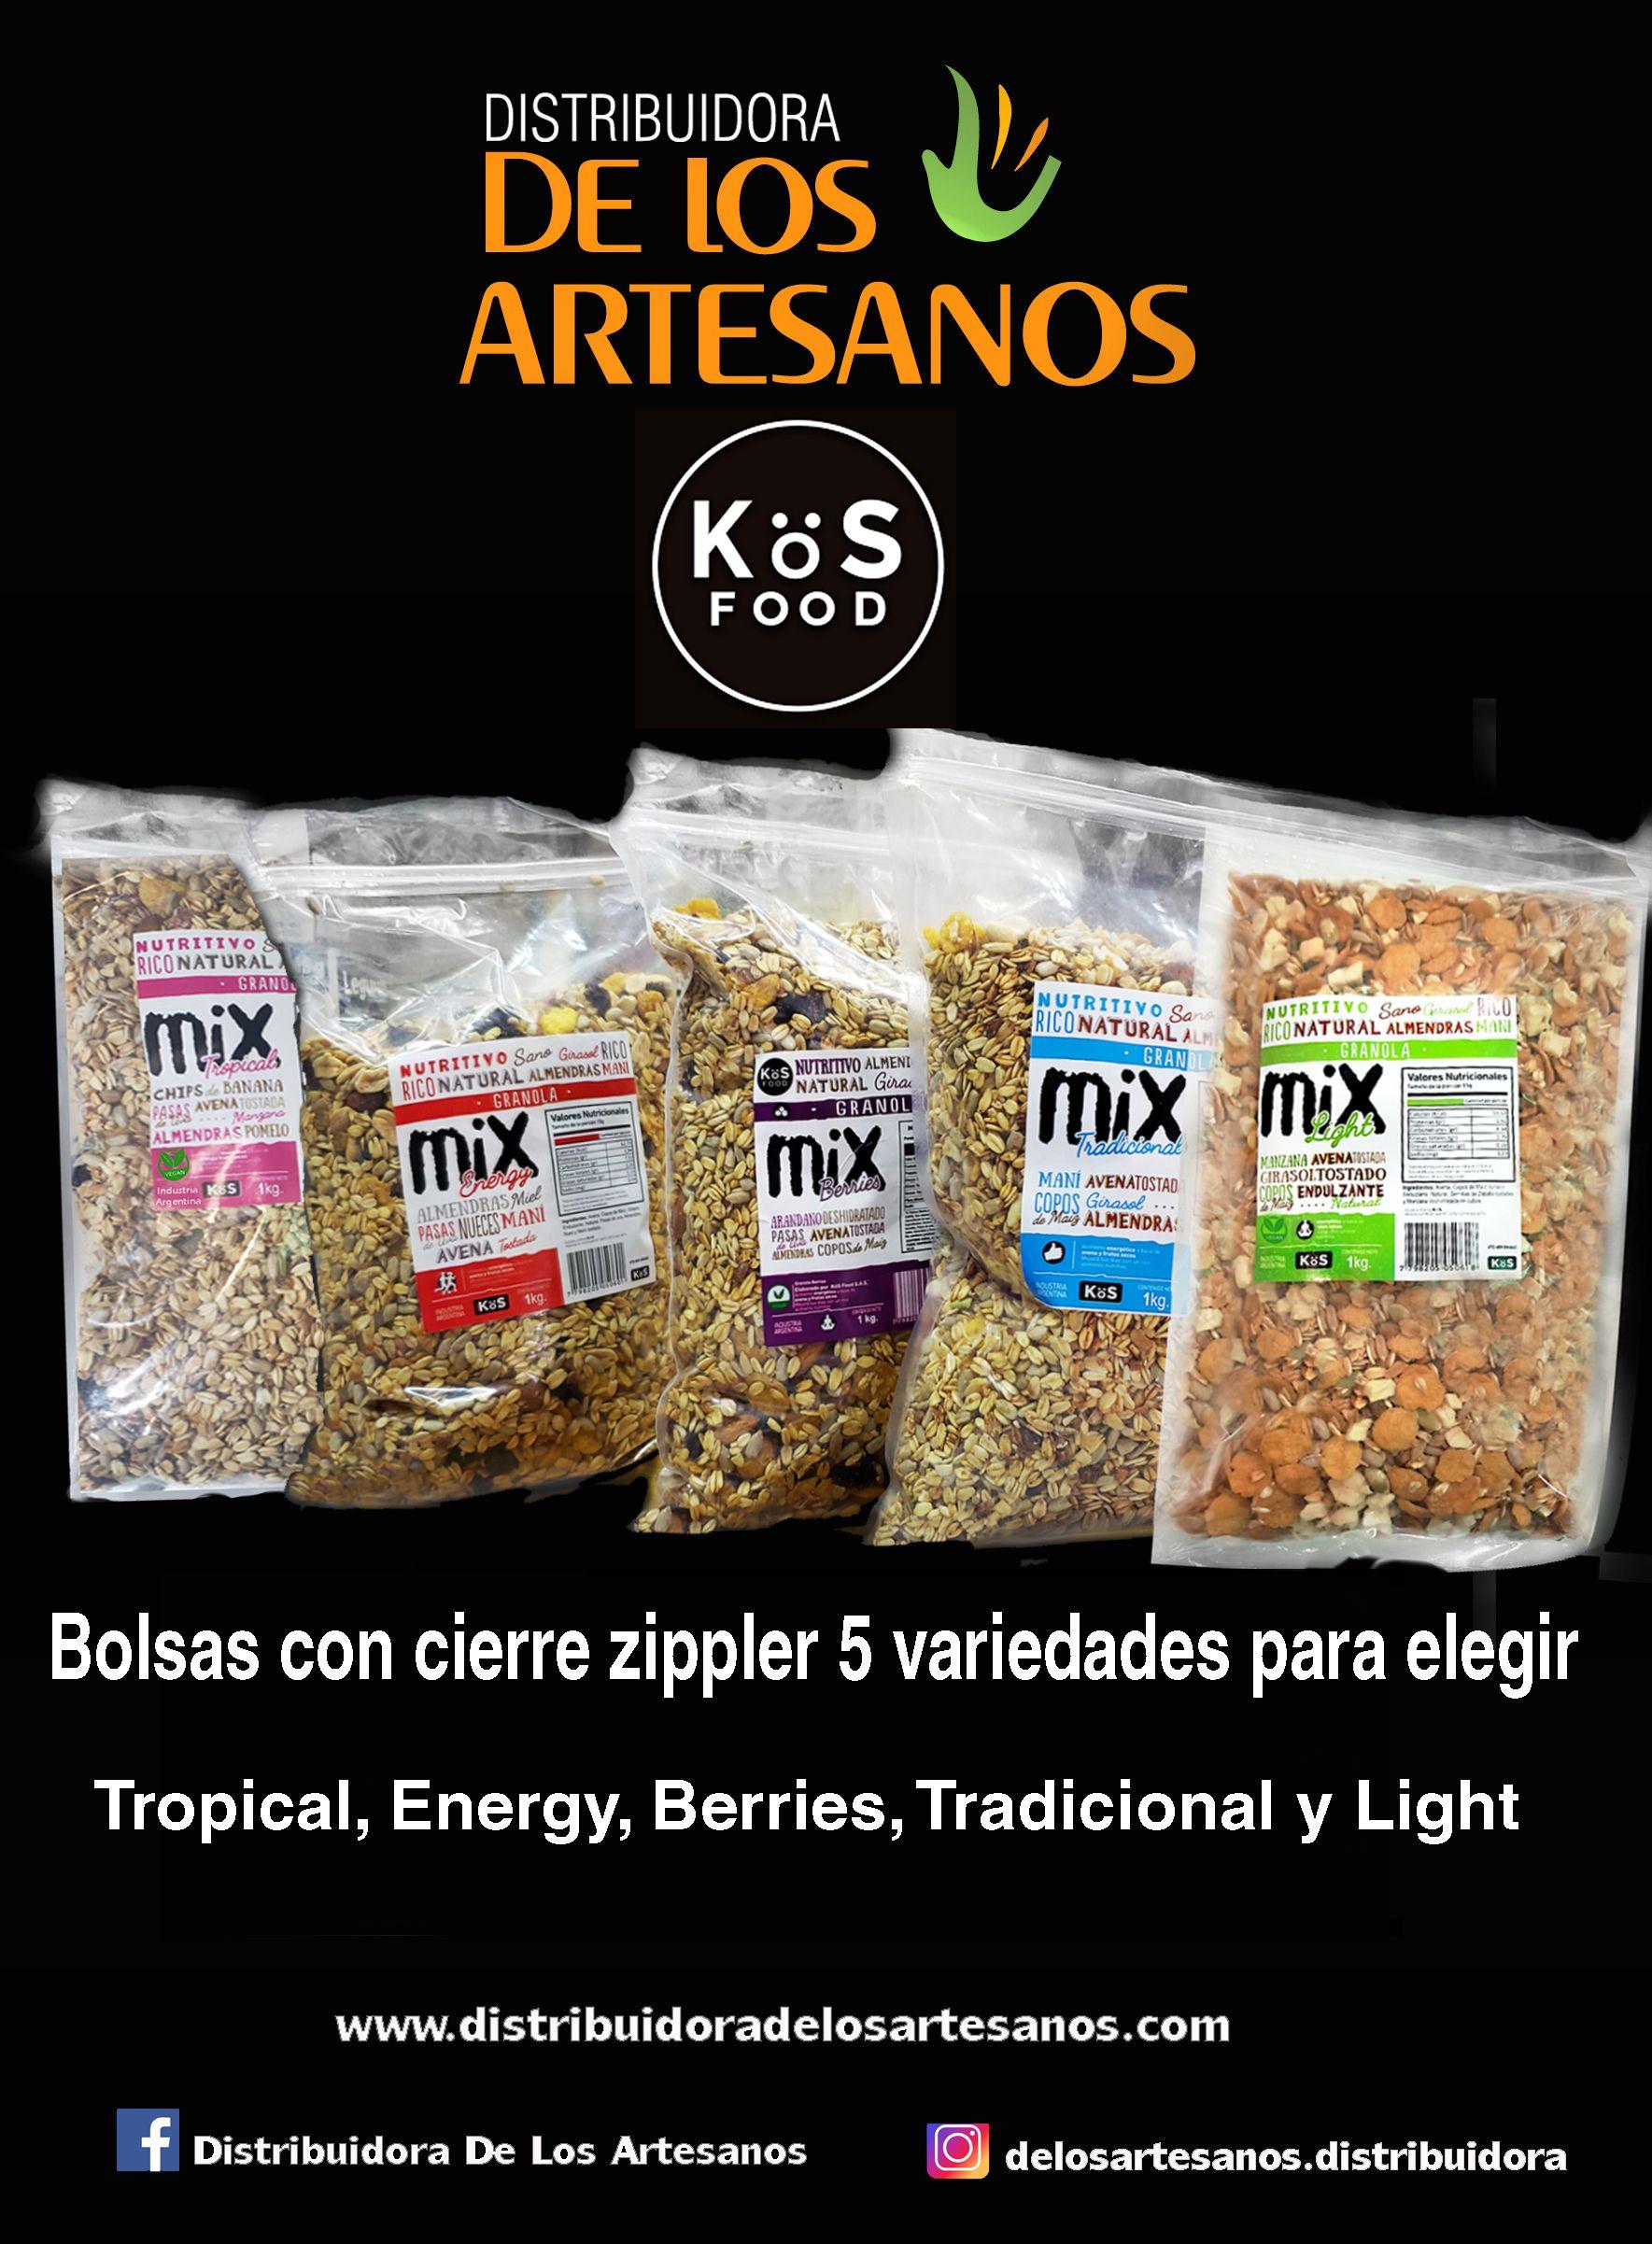 Kös Food Granolas Y Semillas Distribuidora De Los Artesanos Envíos Artesanos Tienda Natural Panaderías